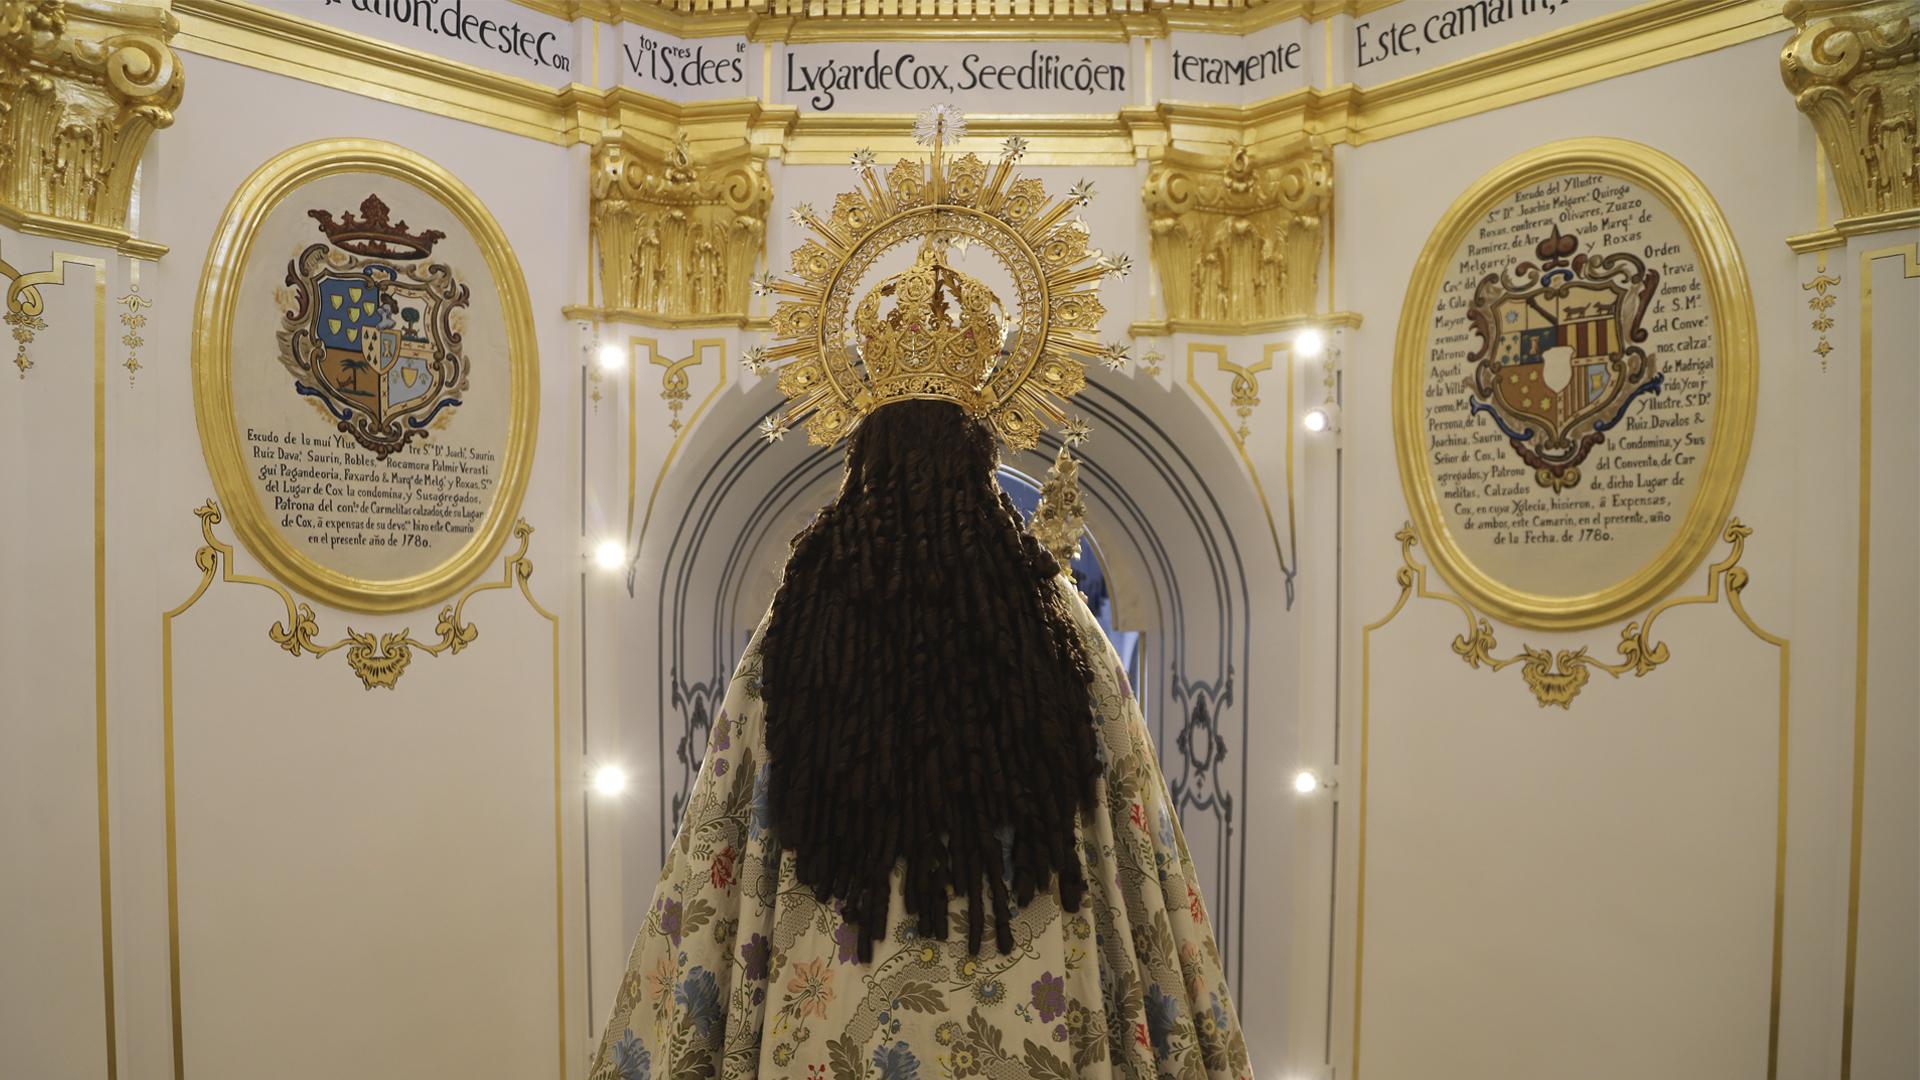 Festividad de la Virgen de las Virtudes